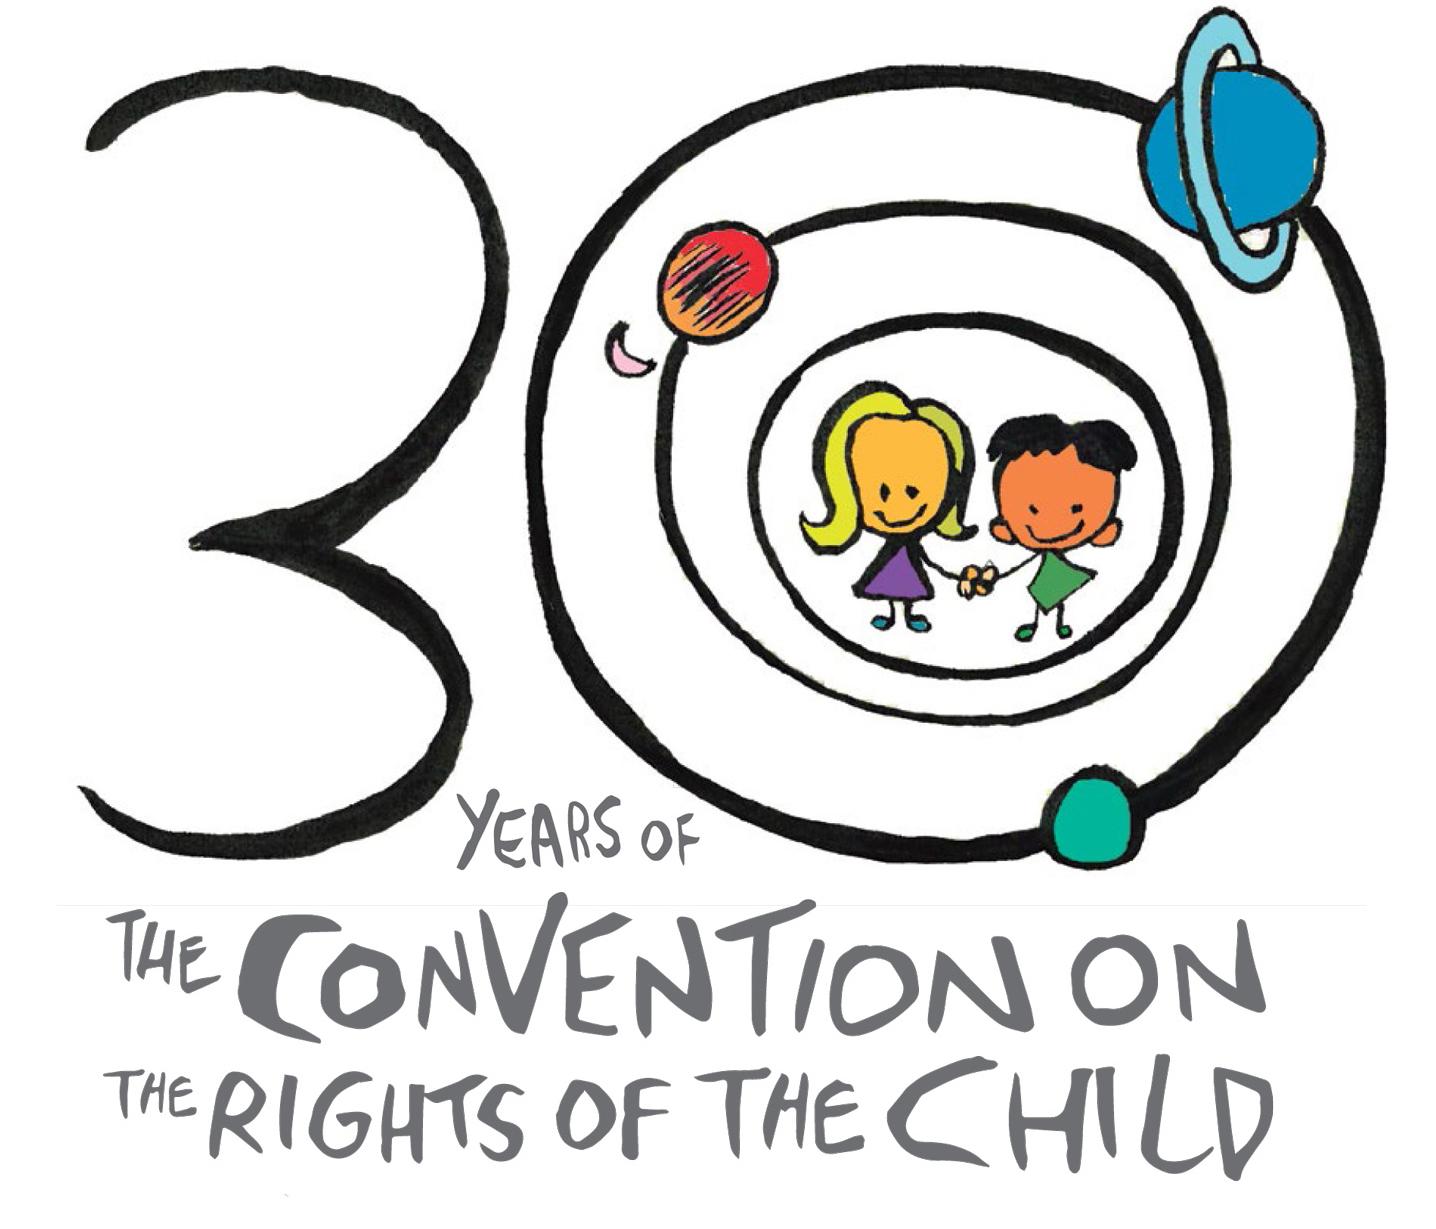 30° anniversario della Convenzione internazionale sui diritti dell'infanzia e dell'adolescenza, 6 settembre 2019, Università di Padova